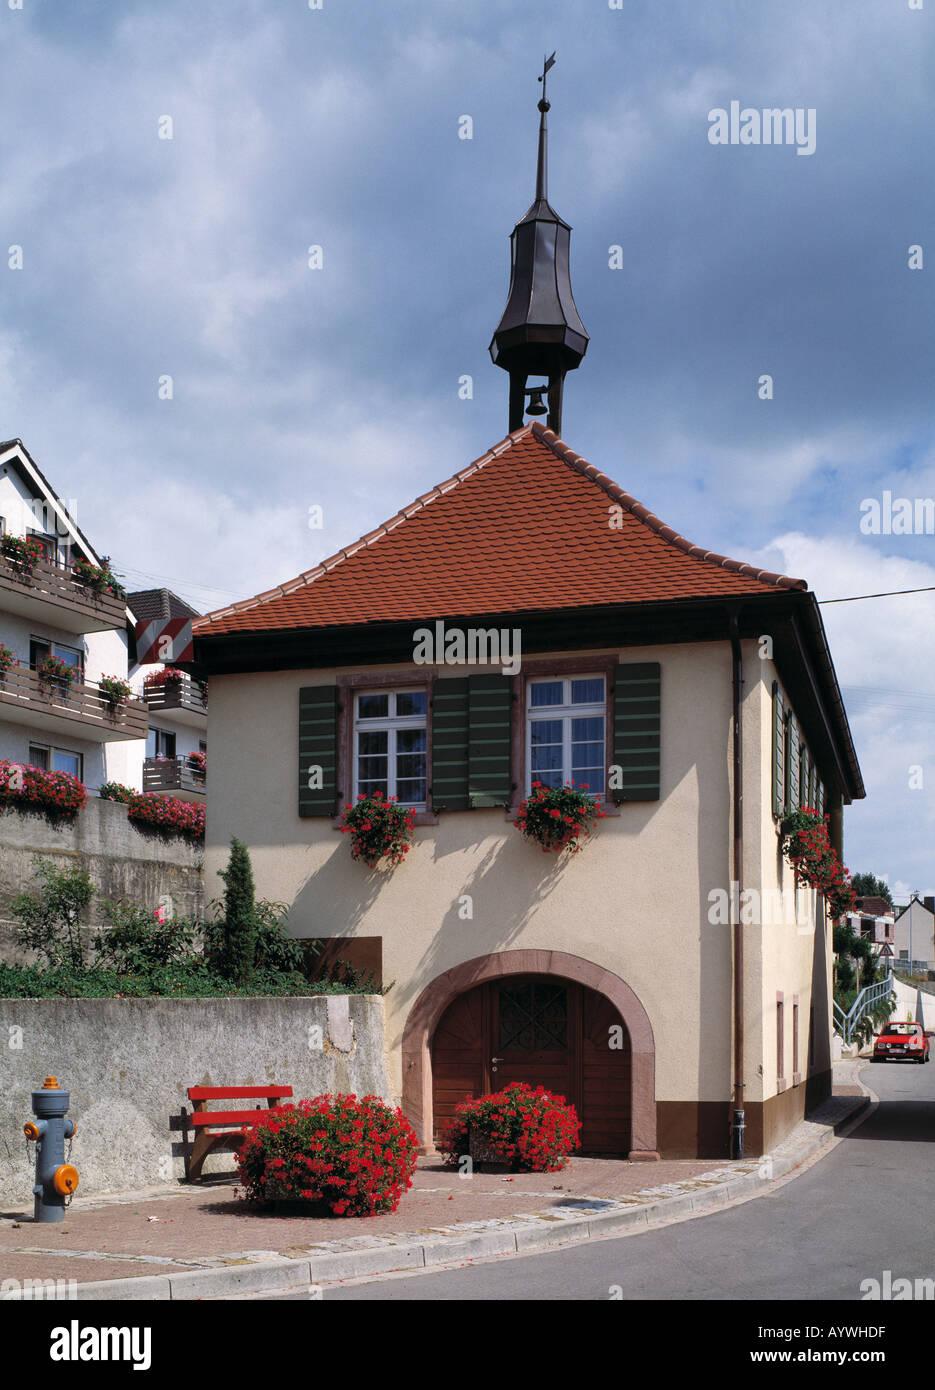 Feuerwehr-Spritzenhaus in Ihringen-Wasenweiler, Breisgau, Oberrhein, Schwarzwald, Baden-Wuerttemberg Stock Photo